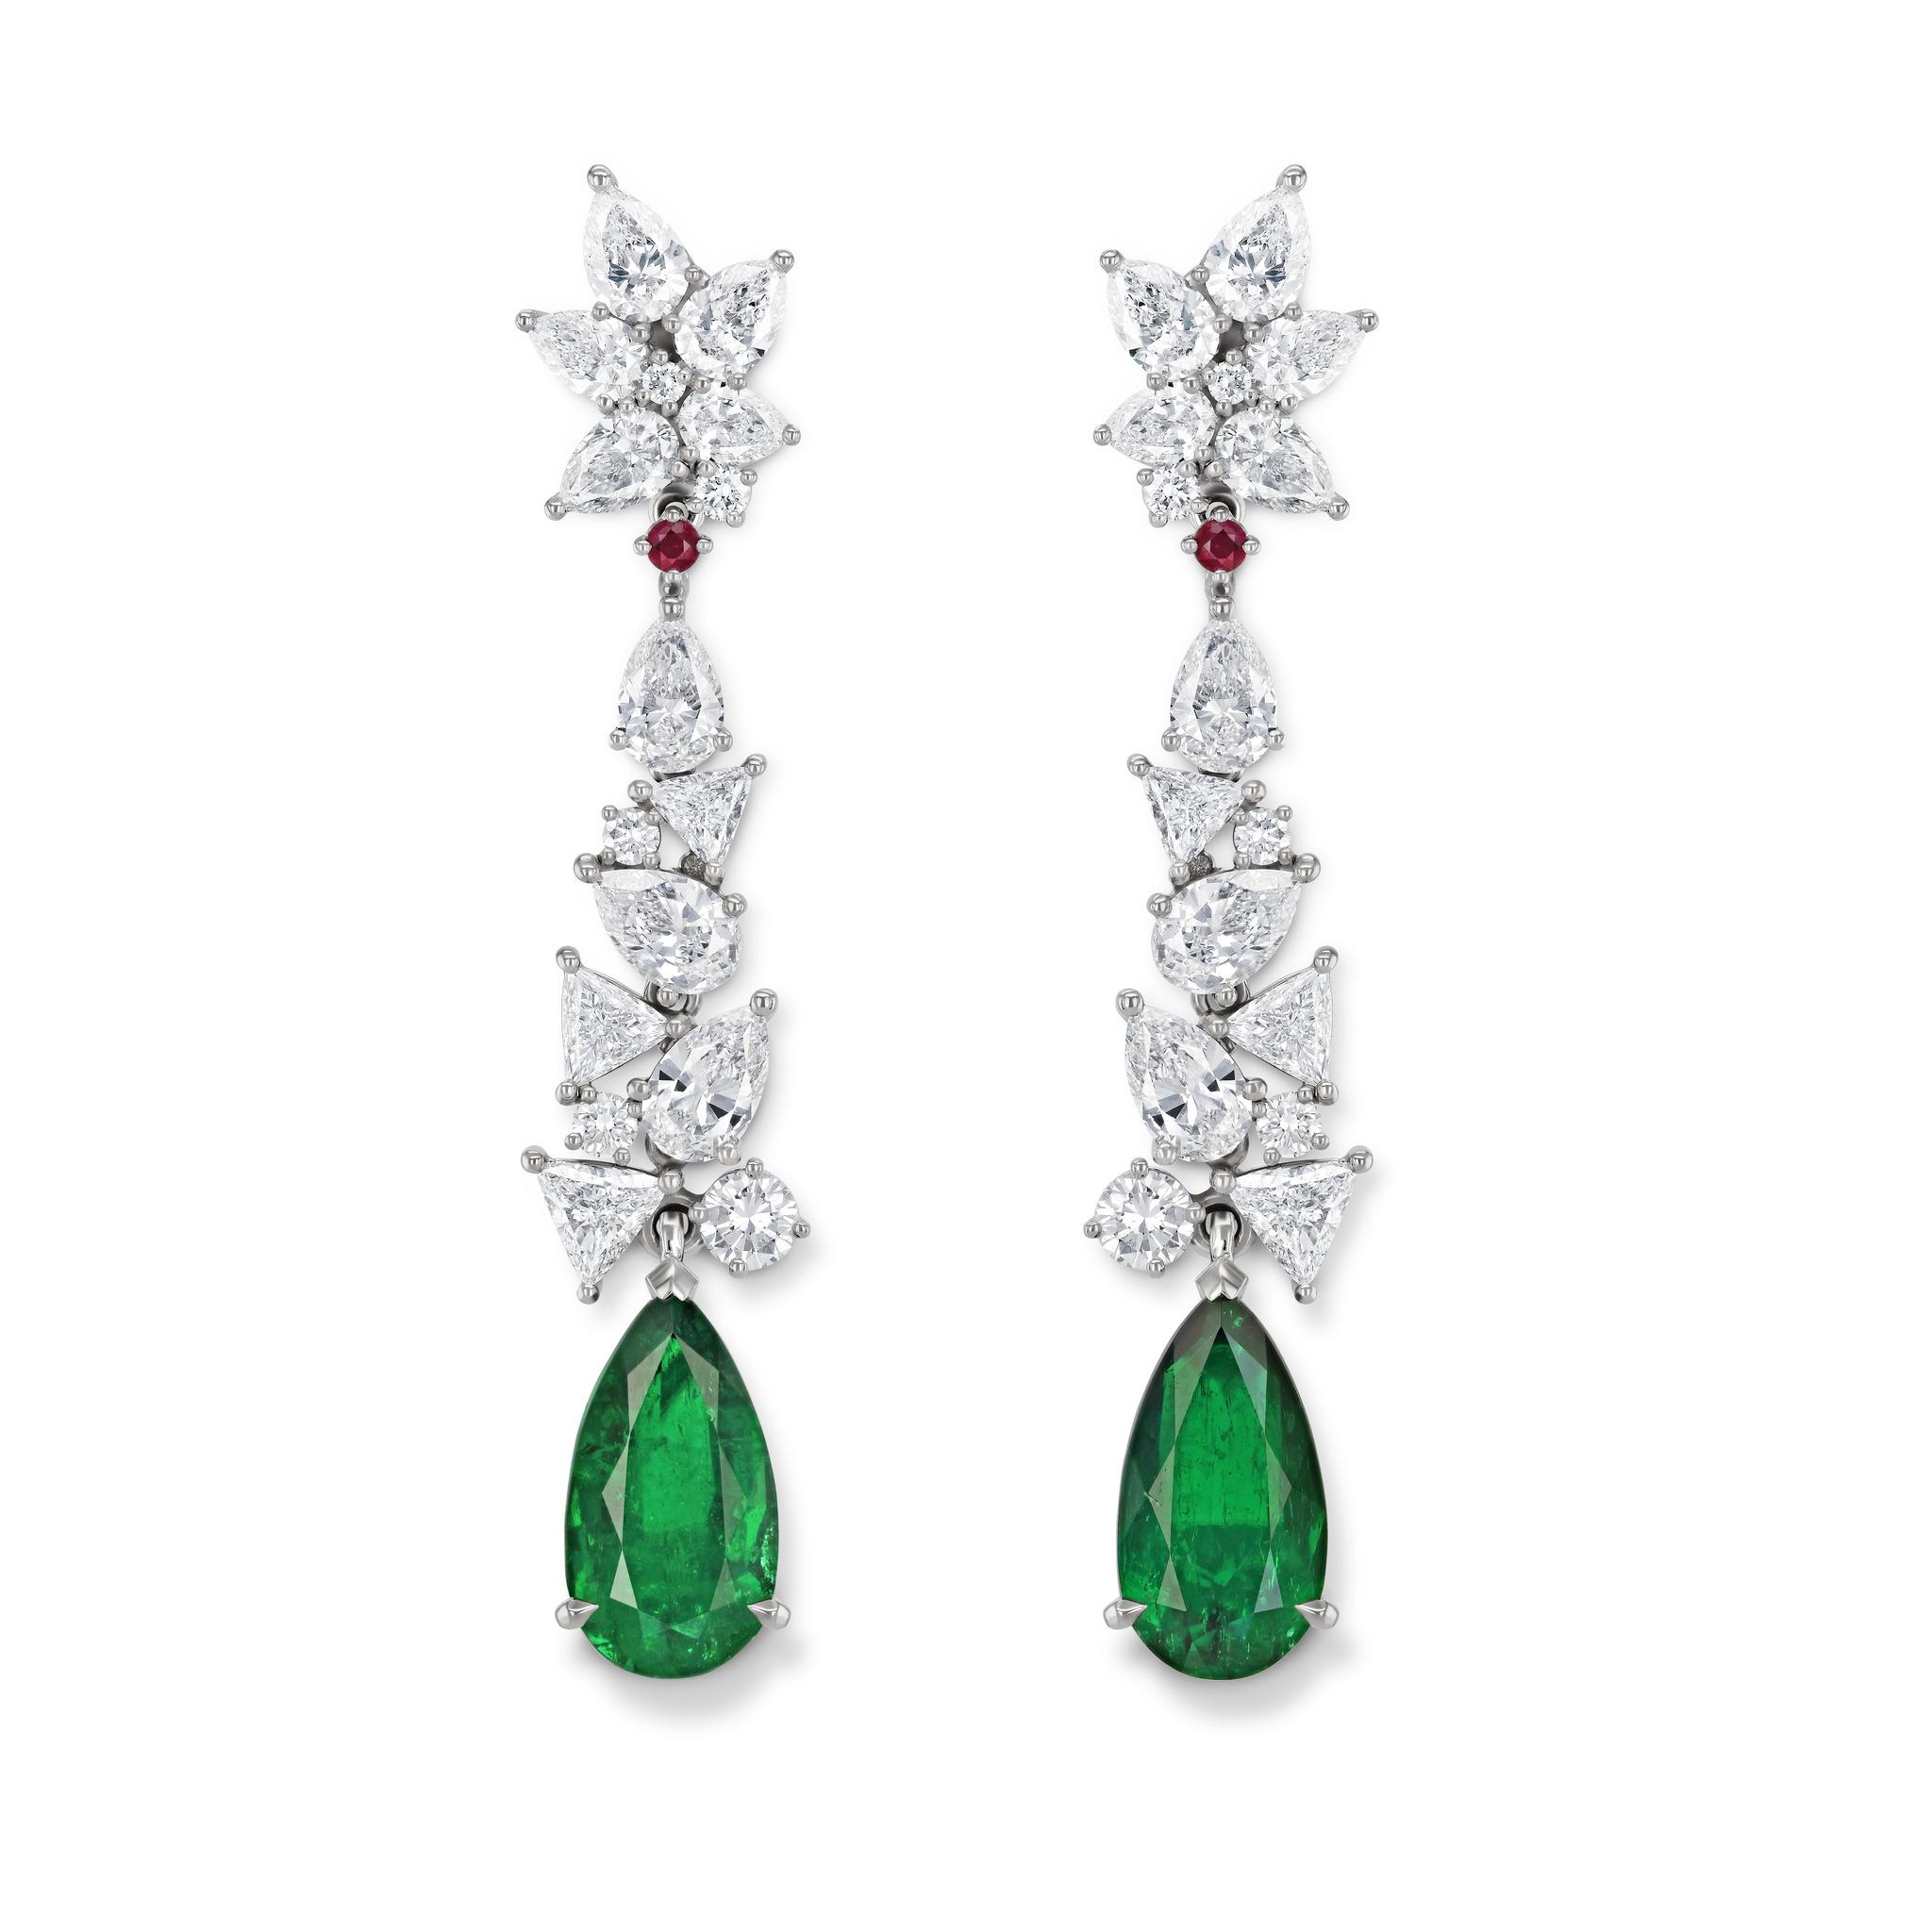 耳环镶嵌祖母绿